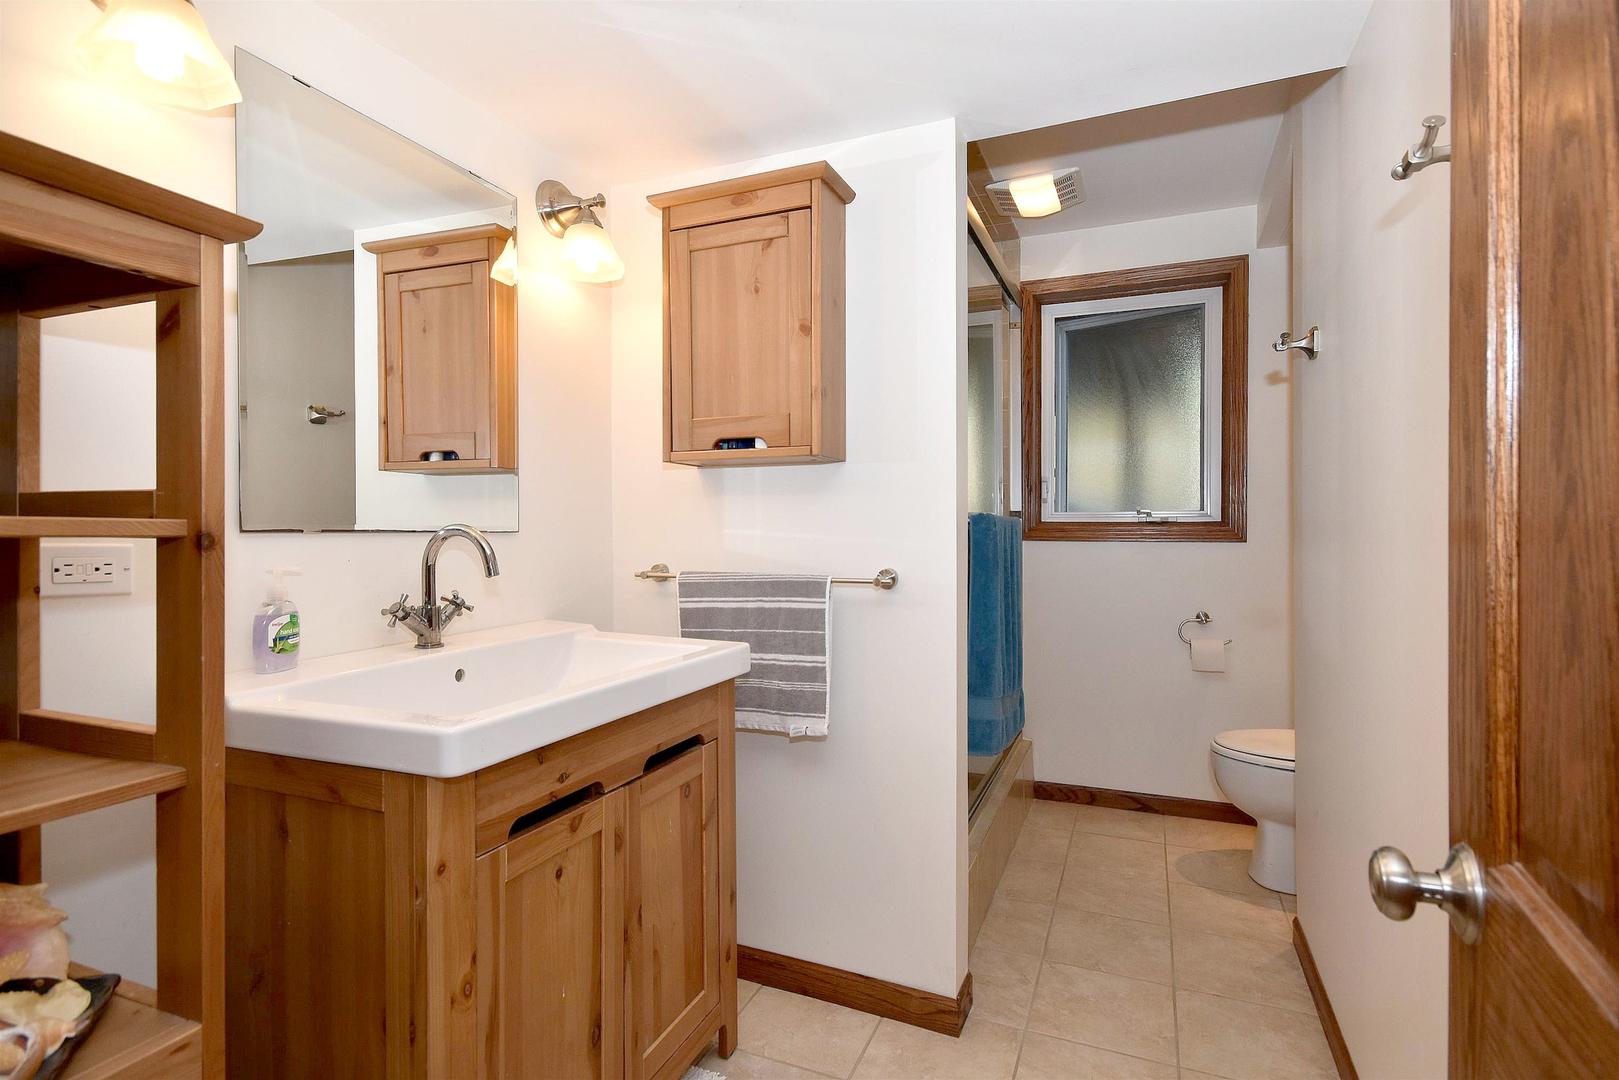 1005 Timber, Darien, Illinois, 60561